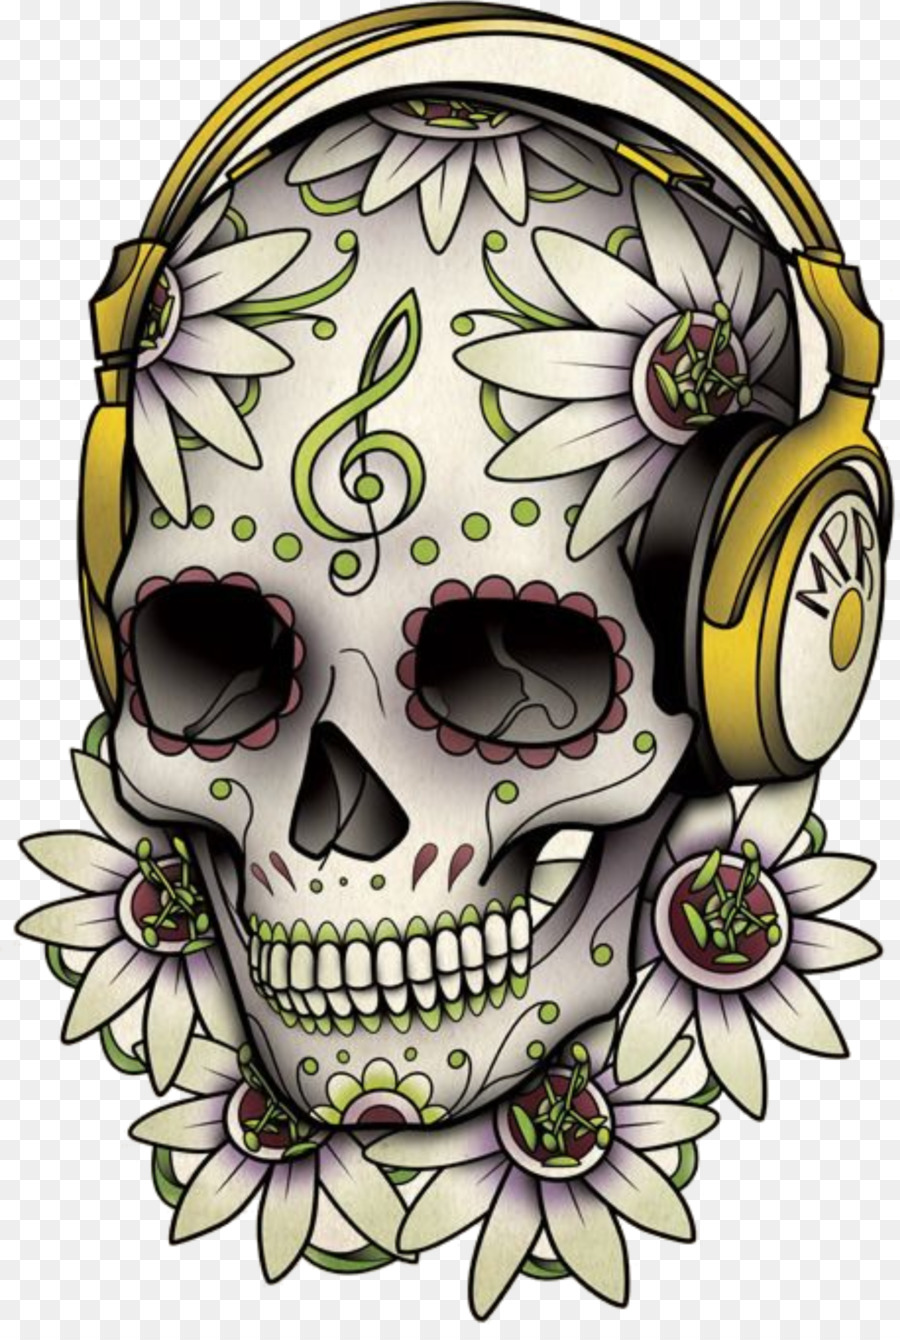 Descarga gratuita de Calavera, Tatuaje, Cráneo imágenes PNG